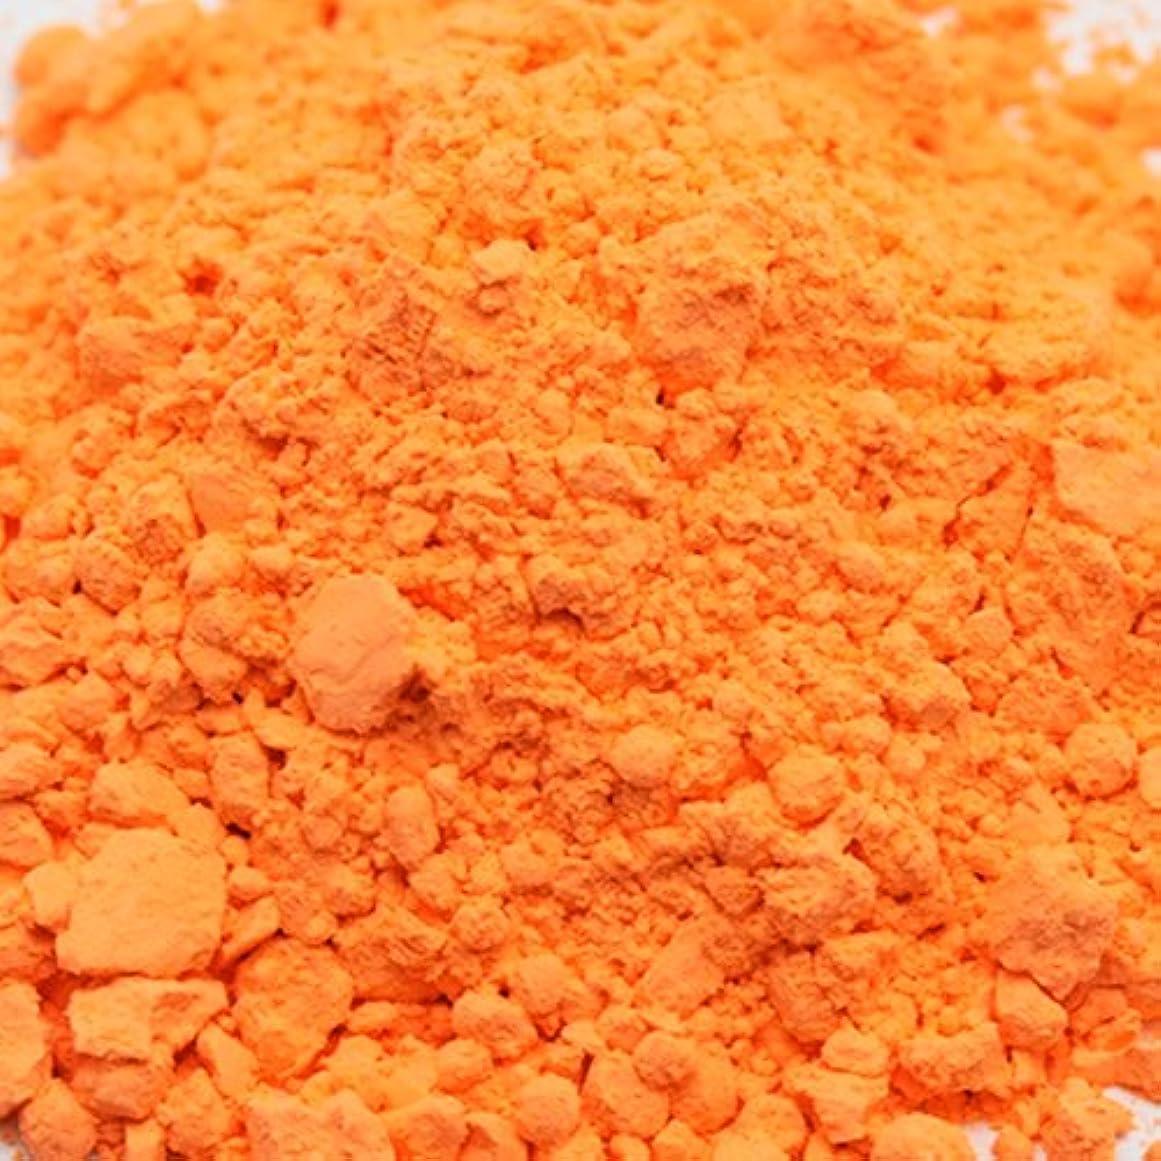 偶然の絶望震えるキャンディカラー オレンジ 20g 【手作り石鹸/手作りコスメ/色付け/カラーラント/オレンジ】